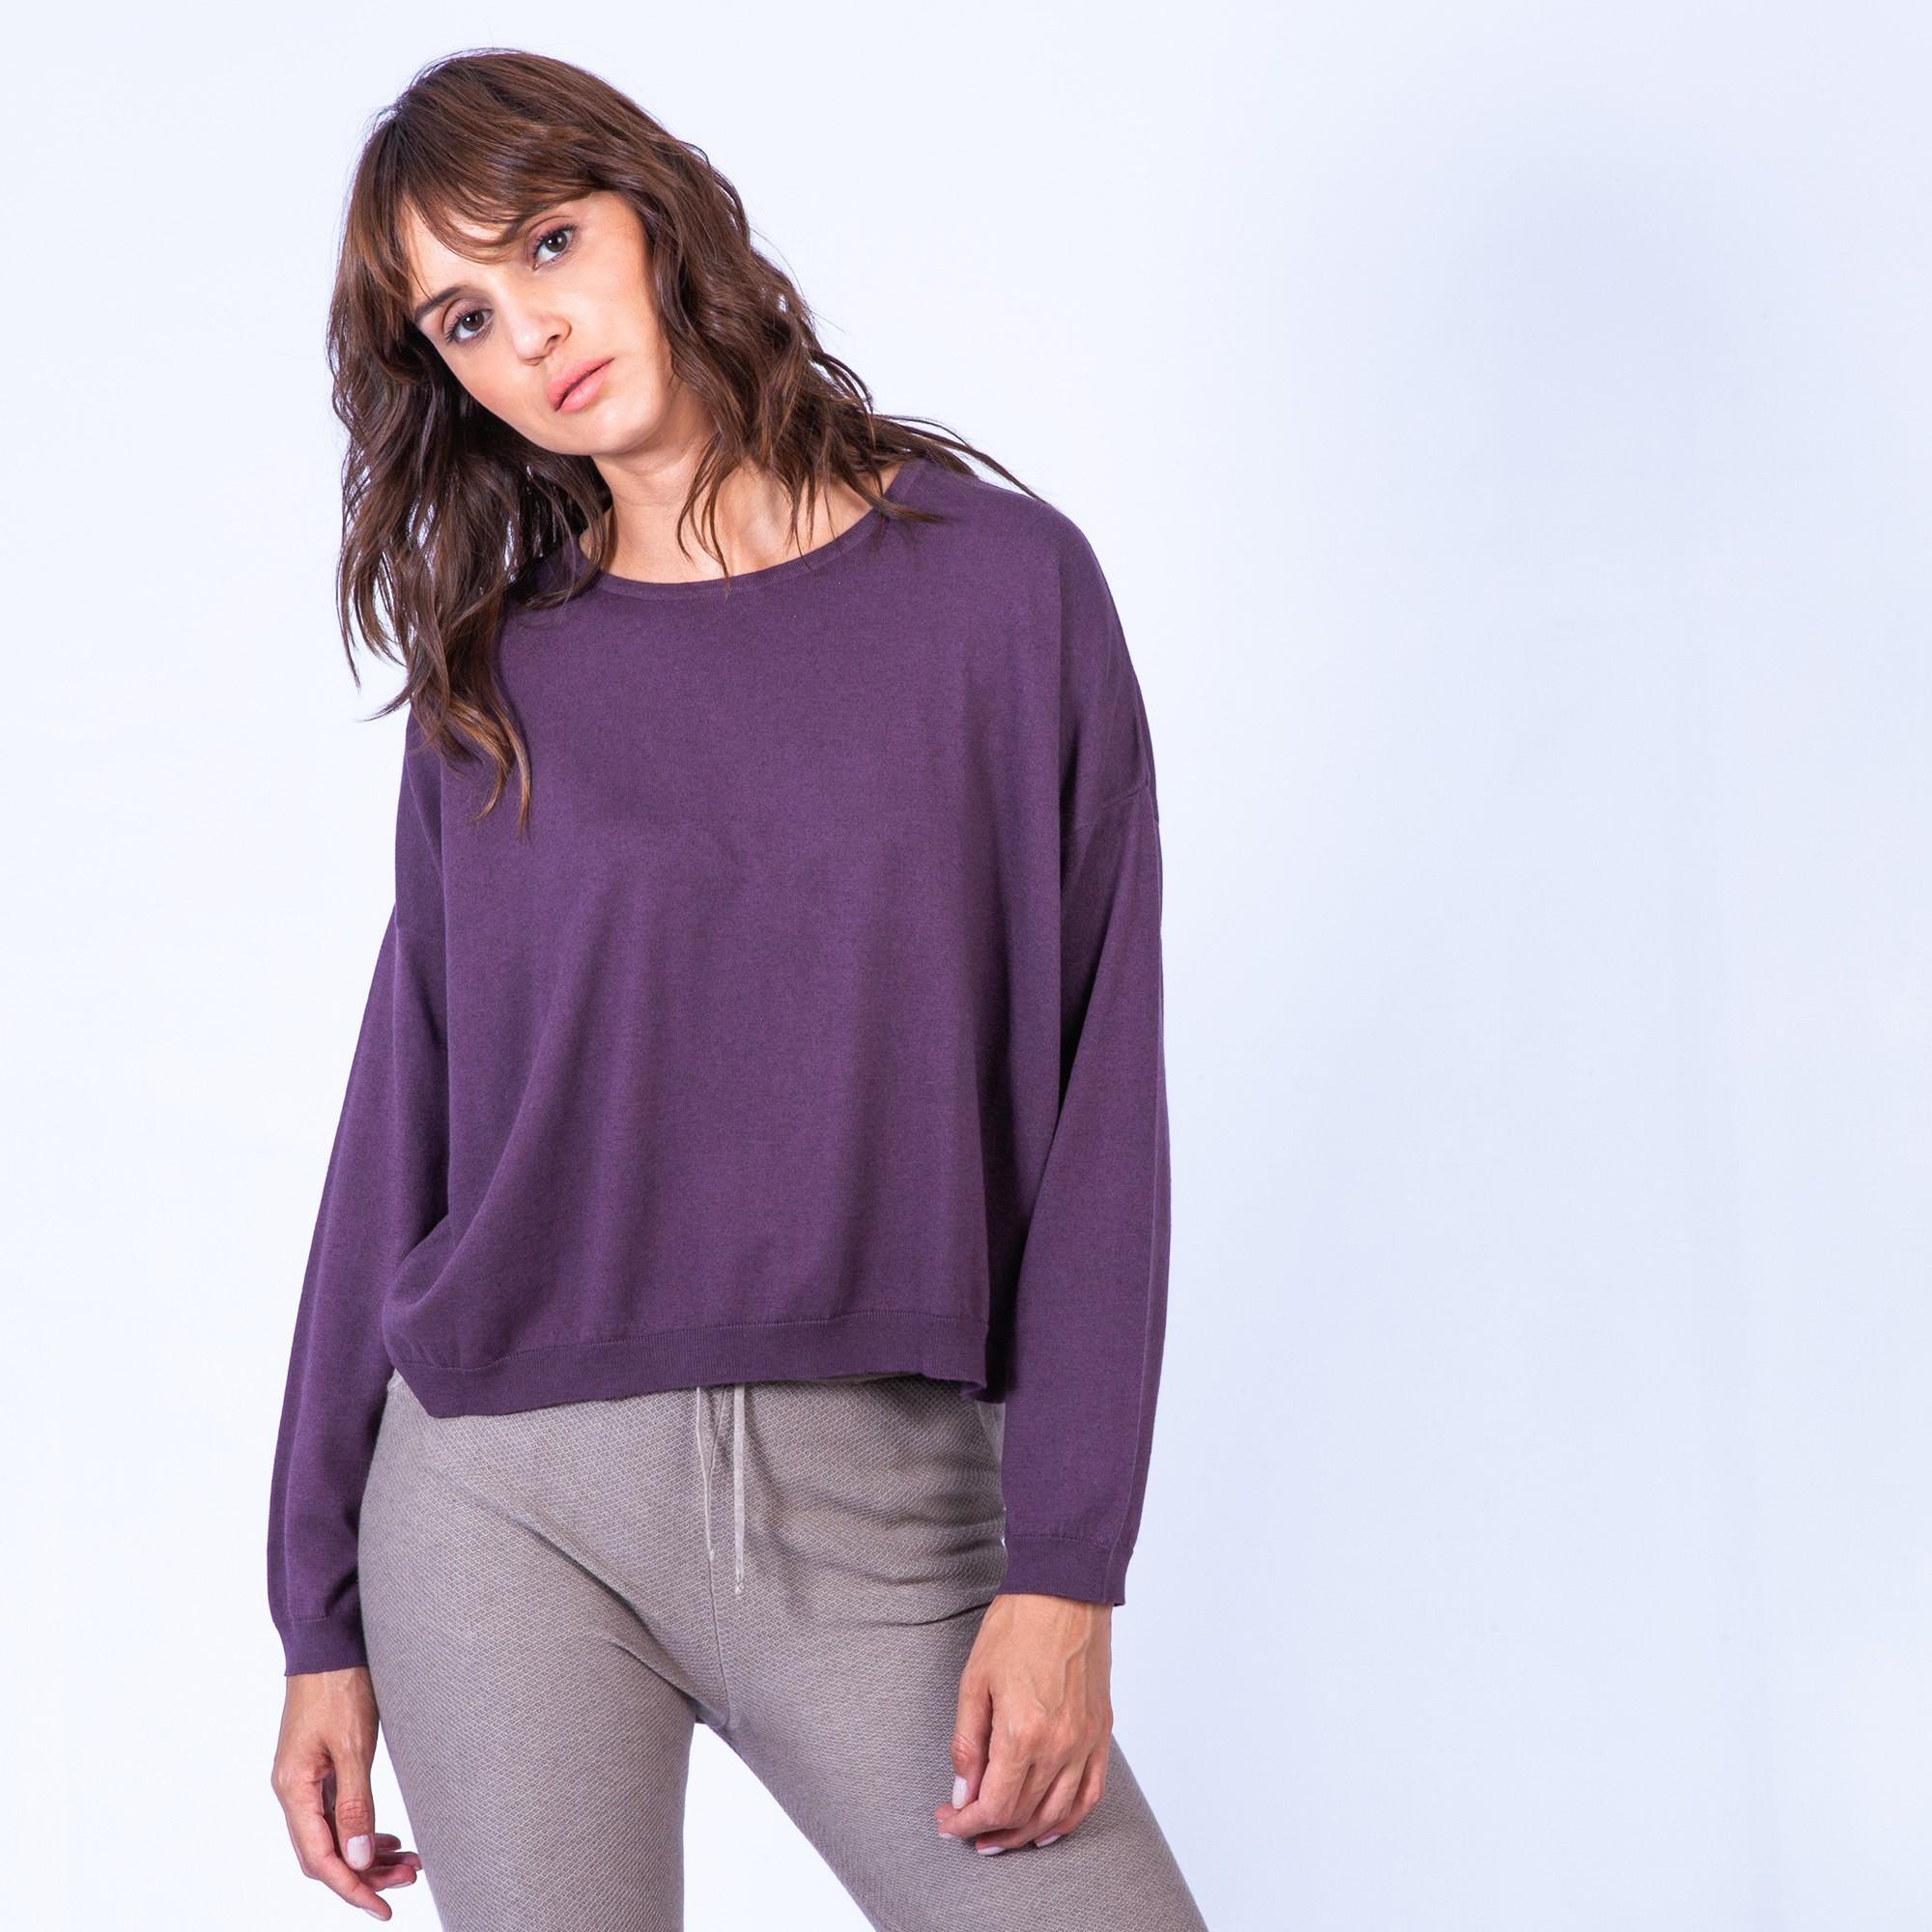 Cotton cashmere jumper – Hatsu - Maison Montagut 7f1709f9f